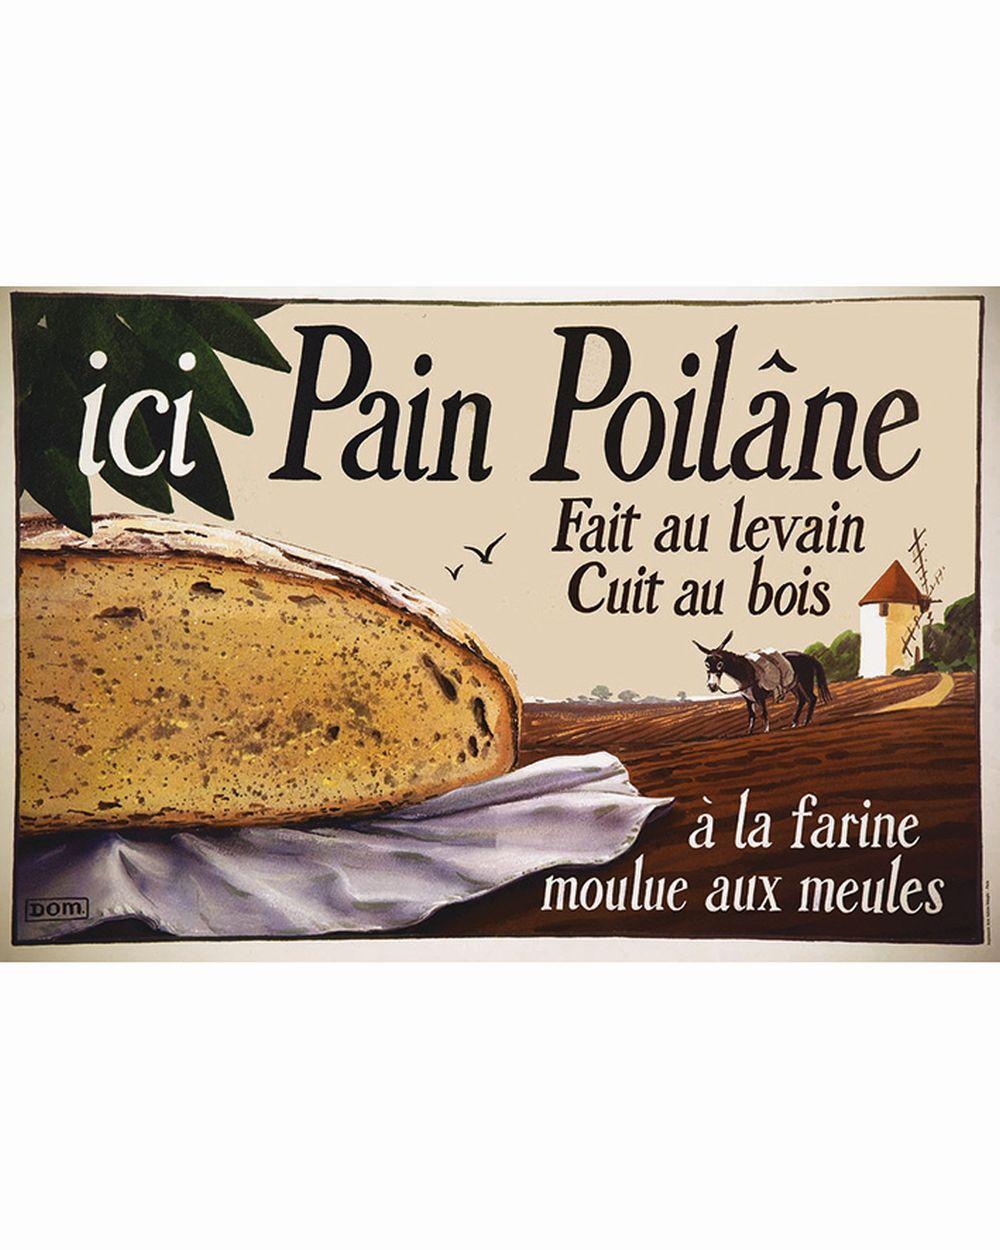 DOM - Pain Poilane Fait au Levain & Cuit au Bois     vers 1970